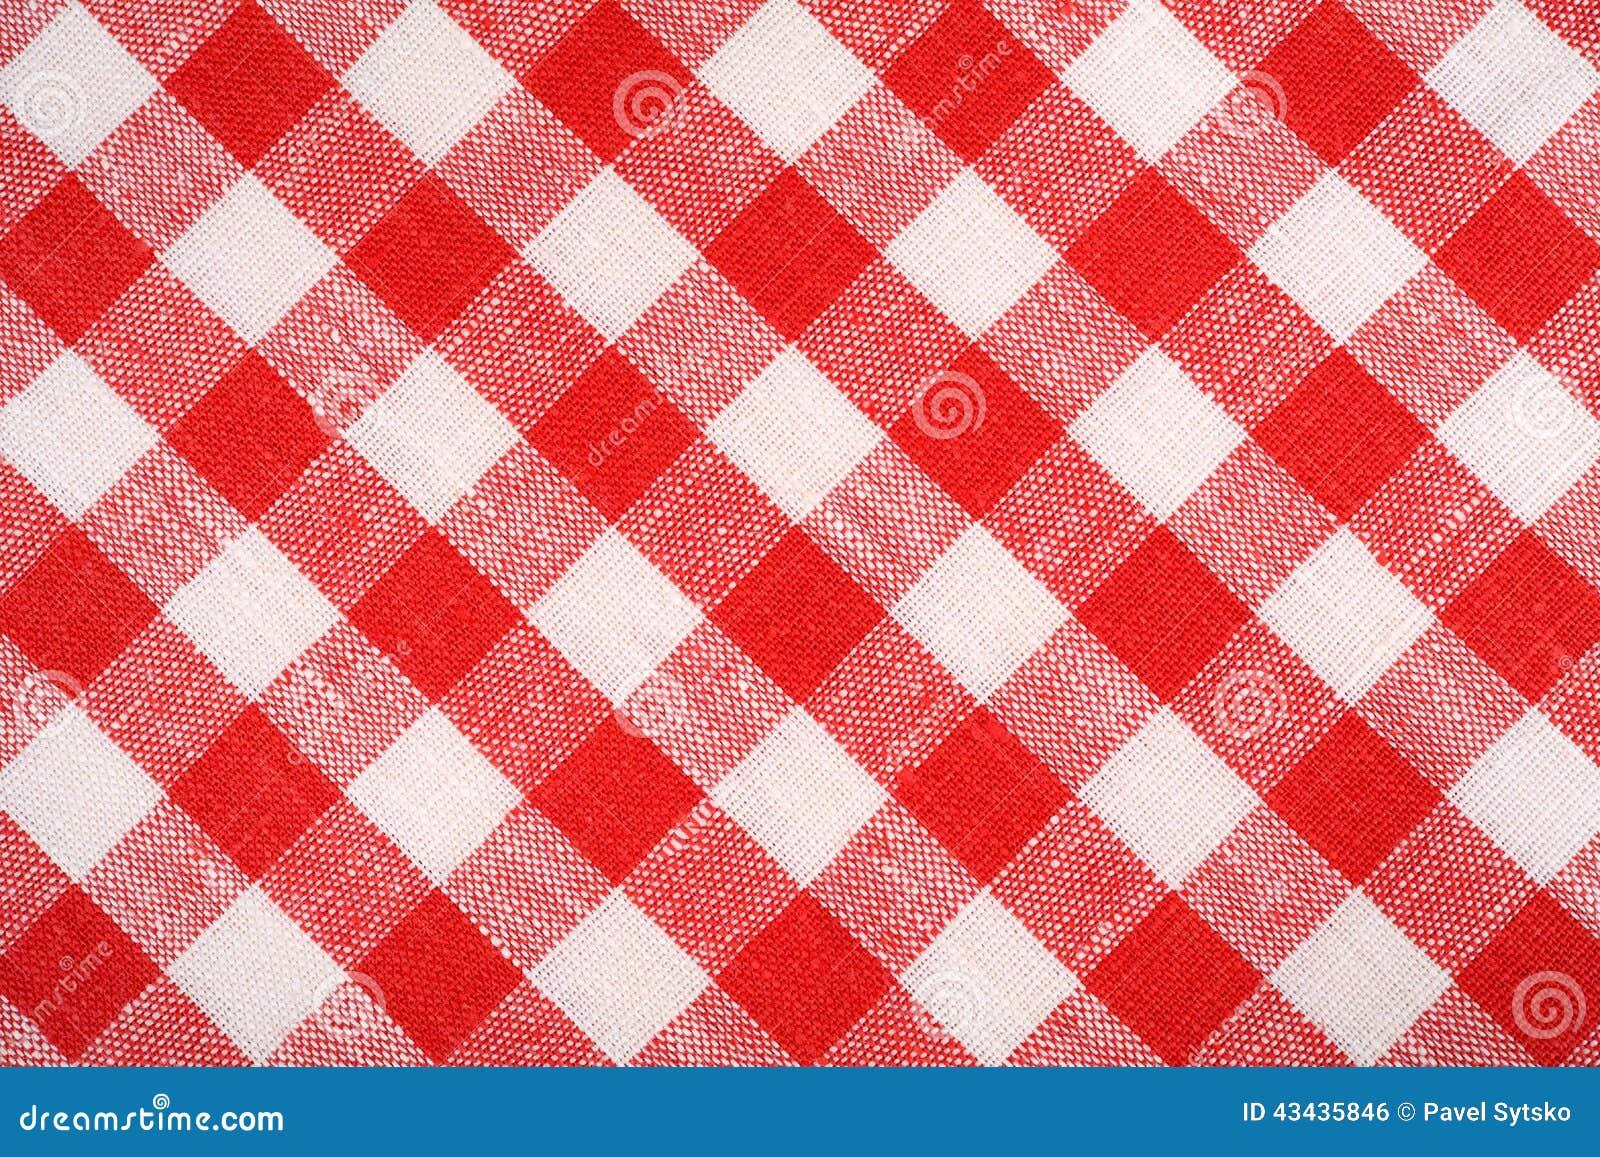 tissu rouge et blanc de plaid carreaux rouge de toile fond et texture photo stock image. Black Bedroom Furniture Sets. Home Design Ideas